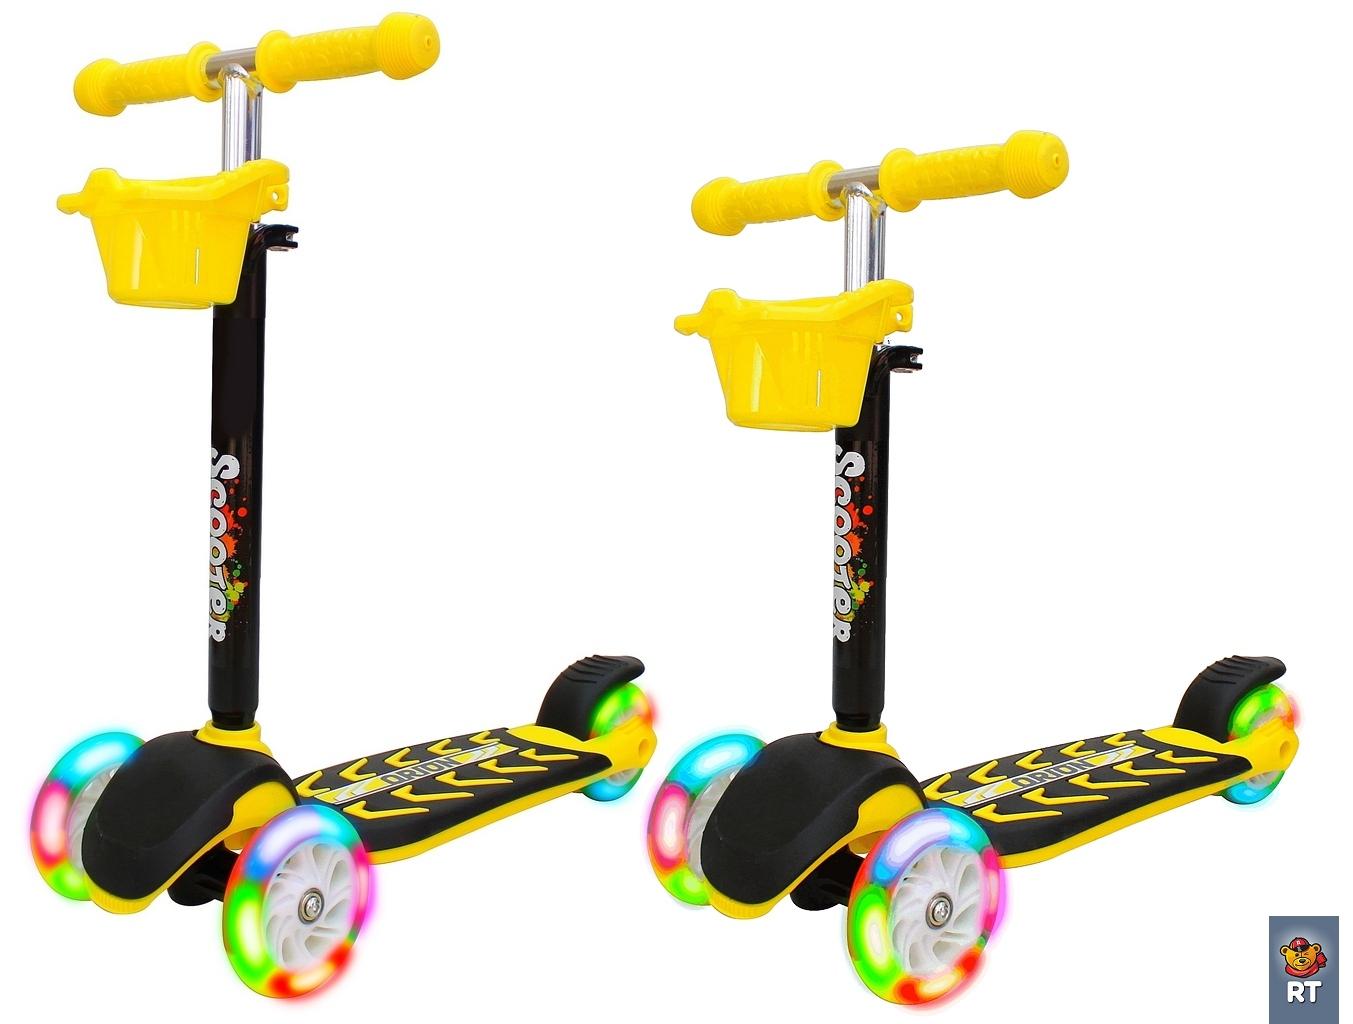 Купить Самокат Midi Orion со светящимися колесами, лимонный, RT